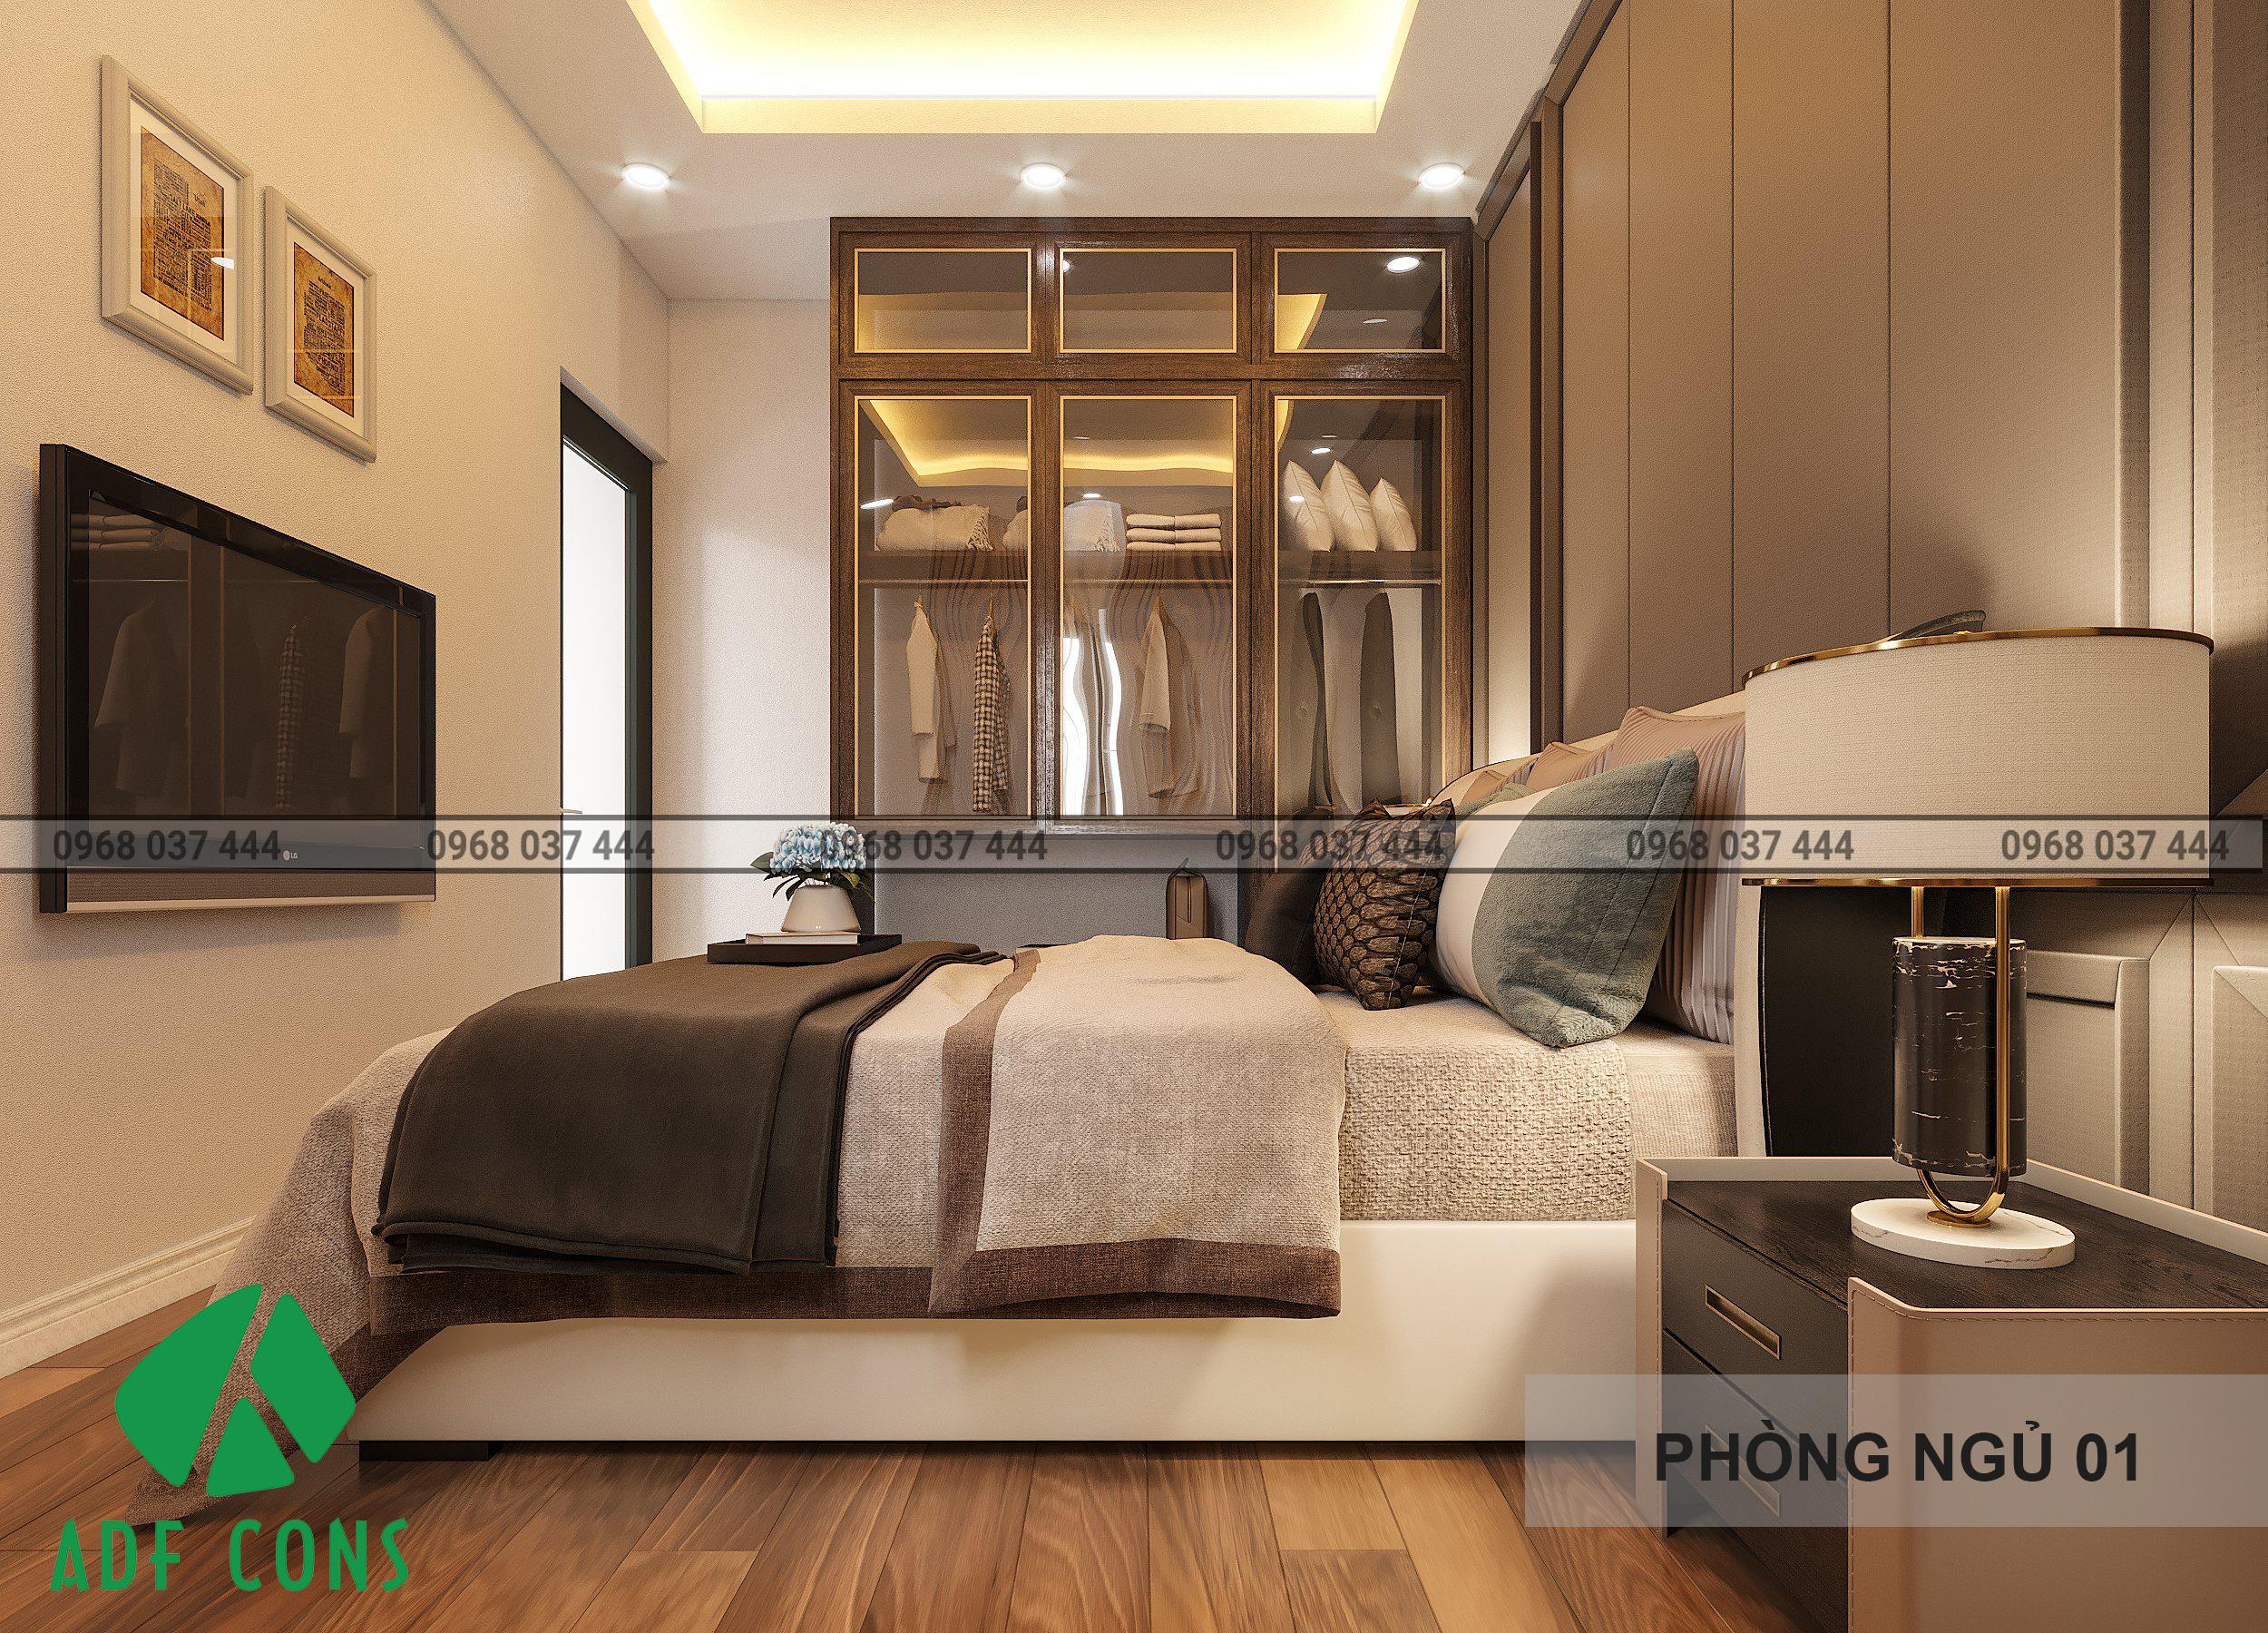 Phòng ngủ tầng 1 từ hướng nhìn khác